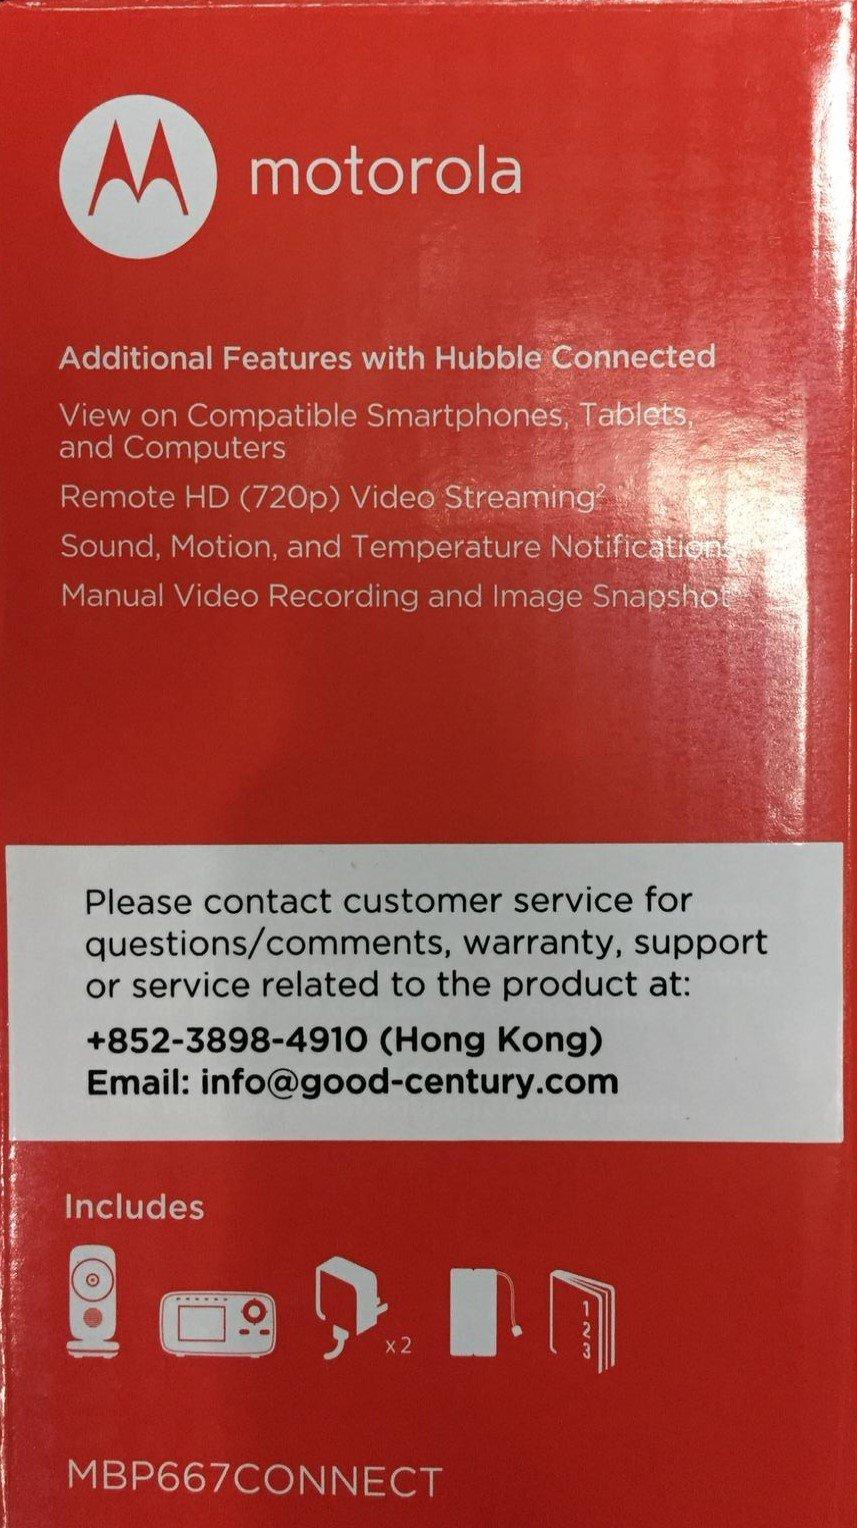 Details about Motorola MBP667 CONNECT 2 8